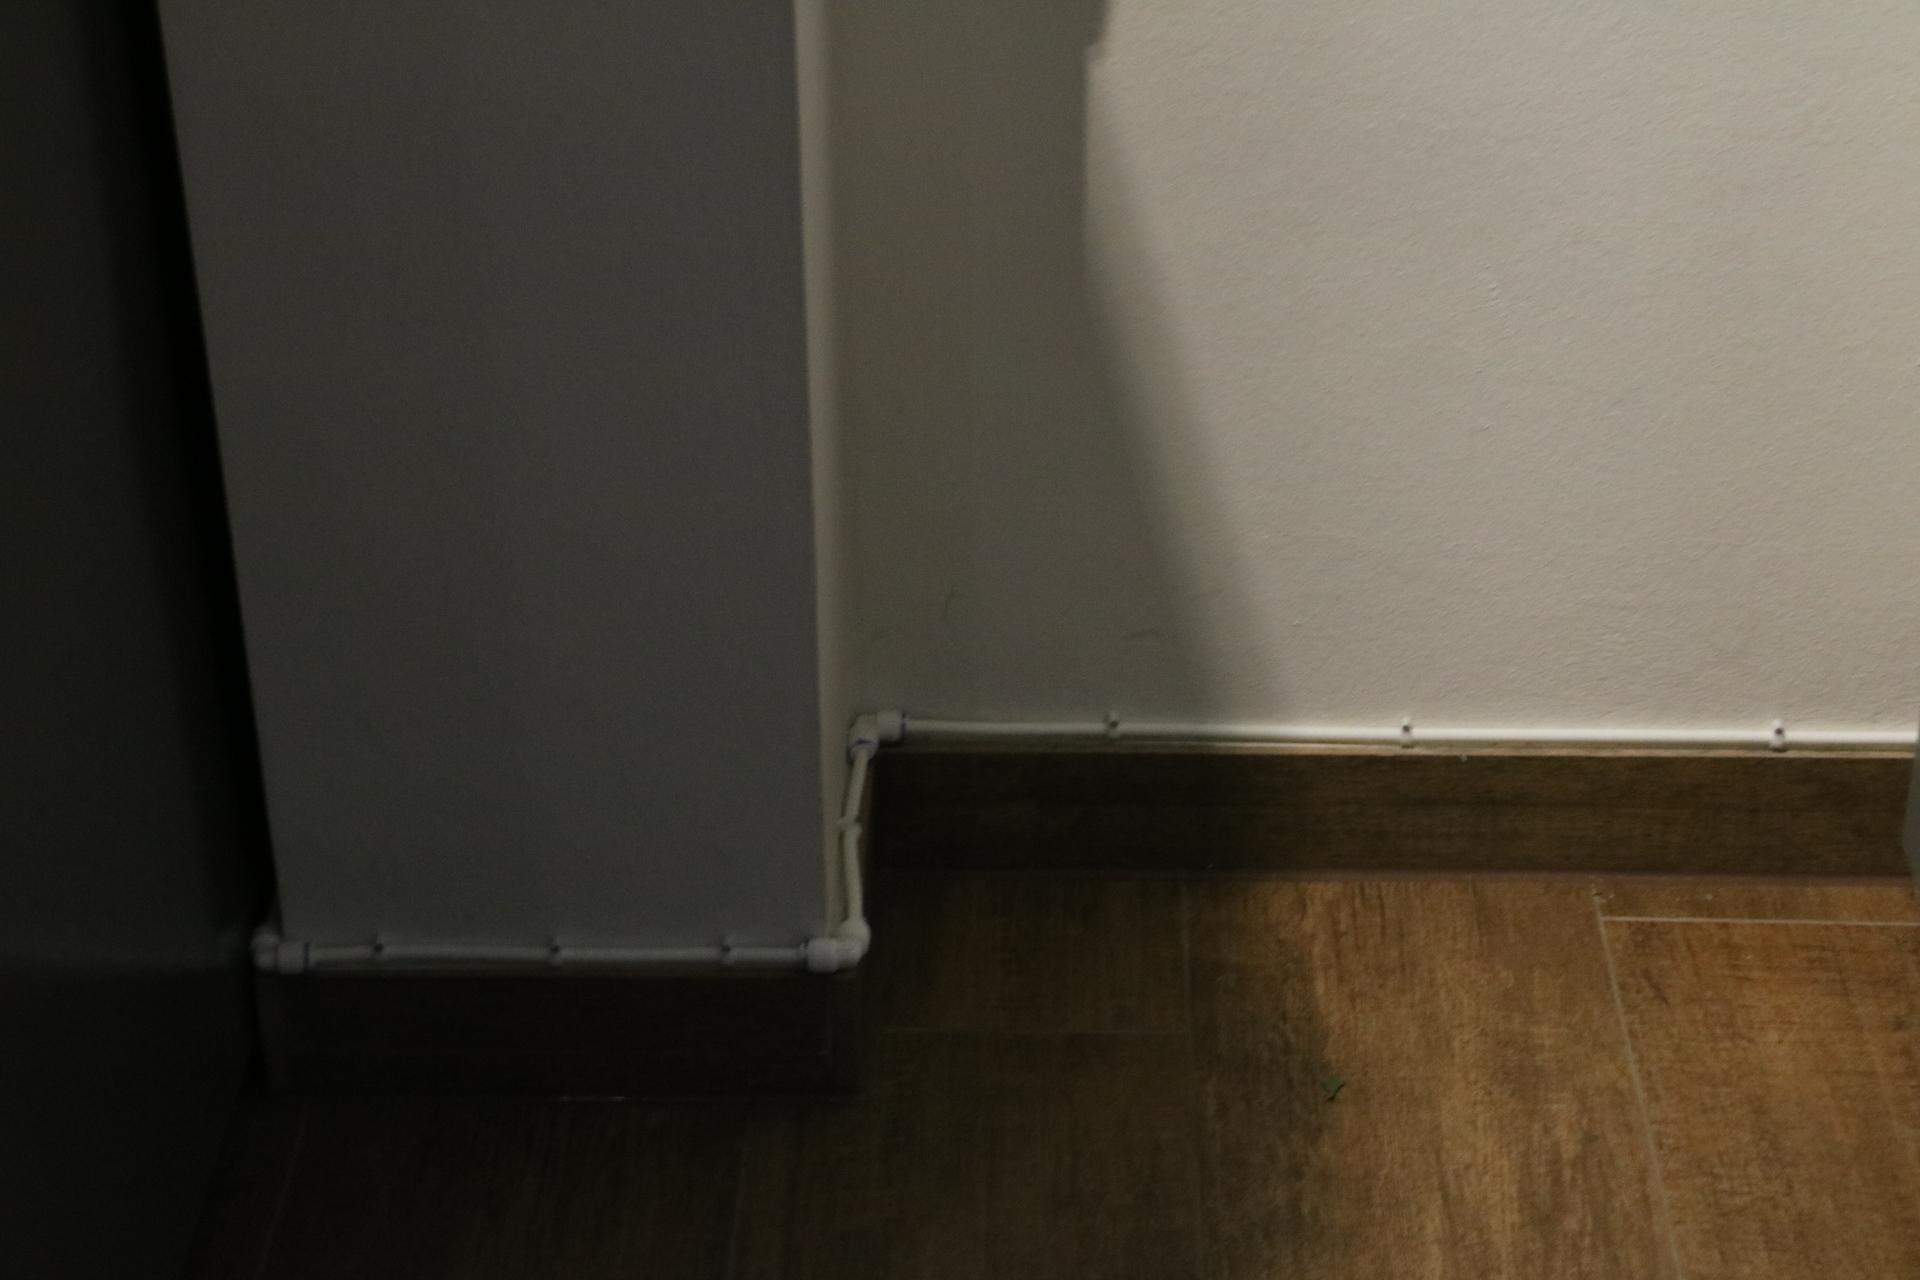 Side By Side Kühlschrank Direkt An Wand : Side by side kühlschrank mit wassertank